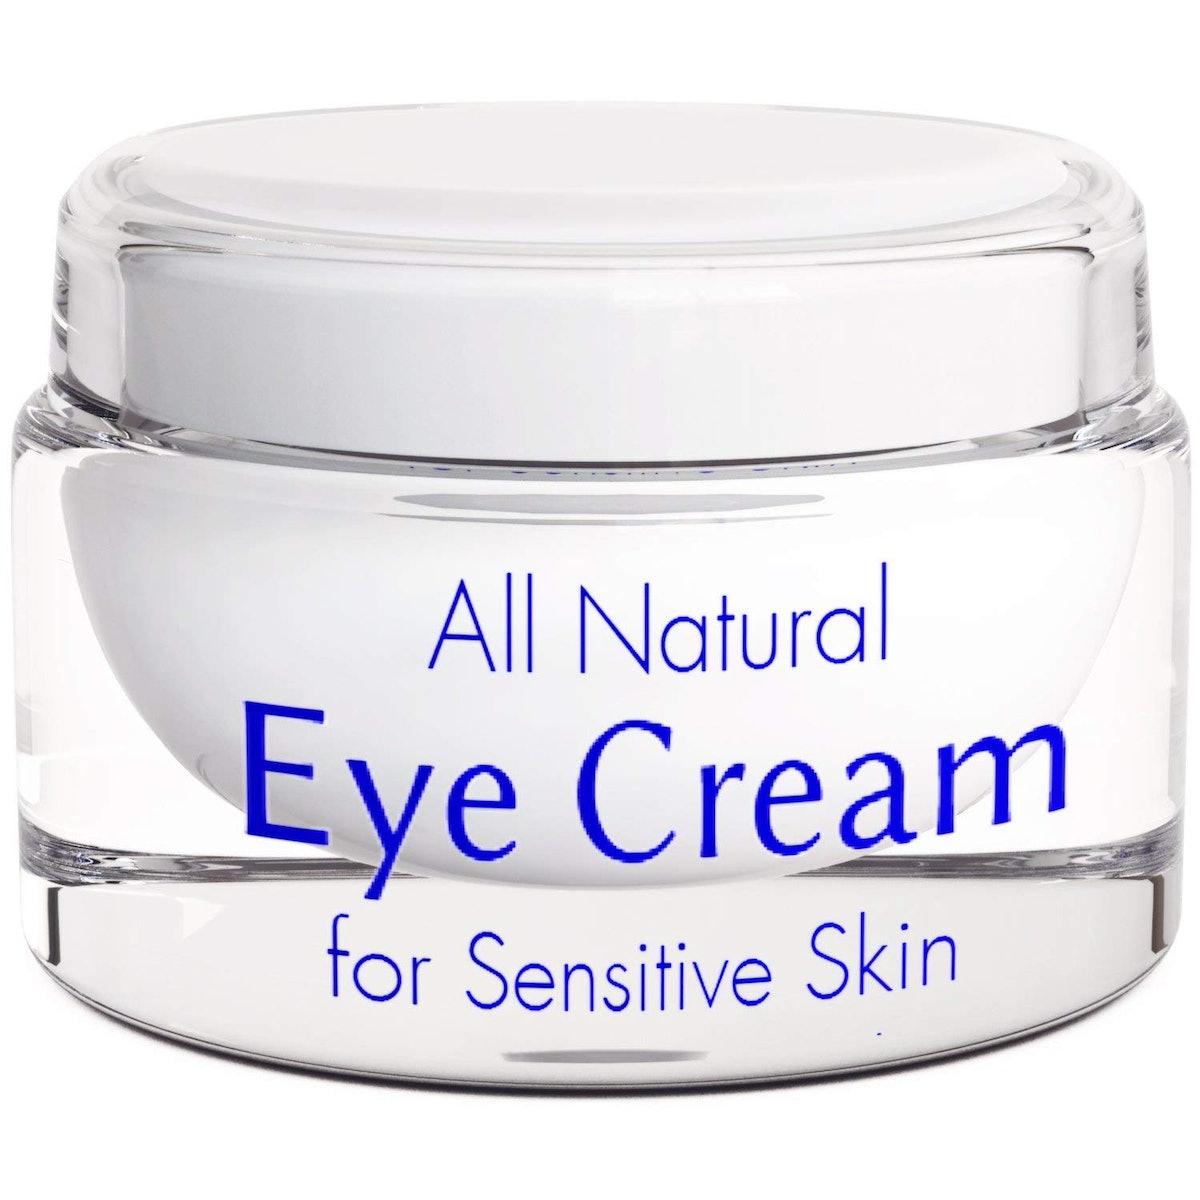 Honeydew Eye Cream For Sensitive Skin